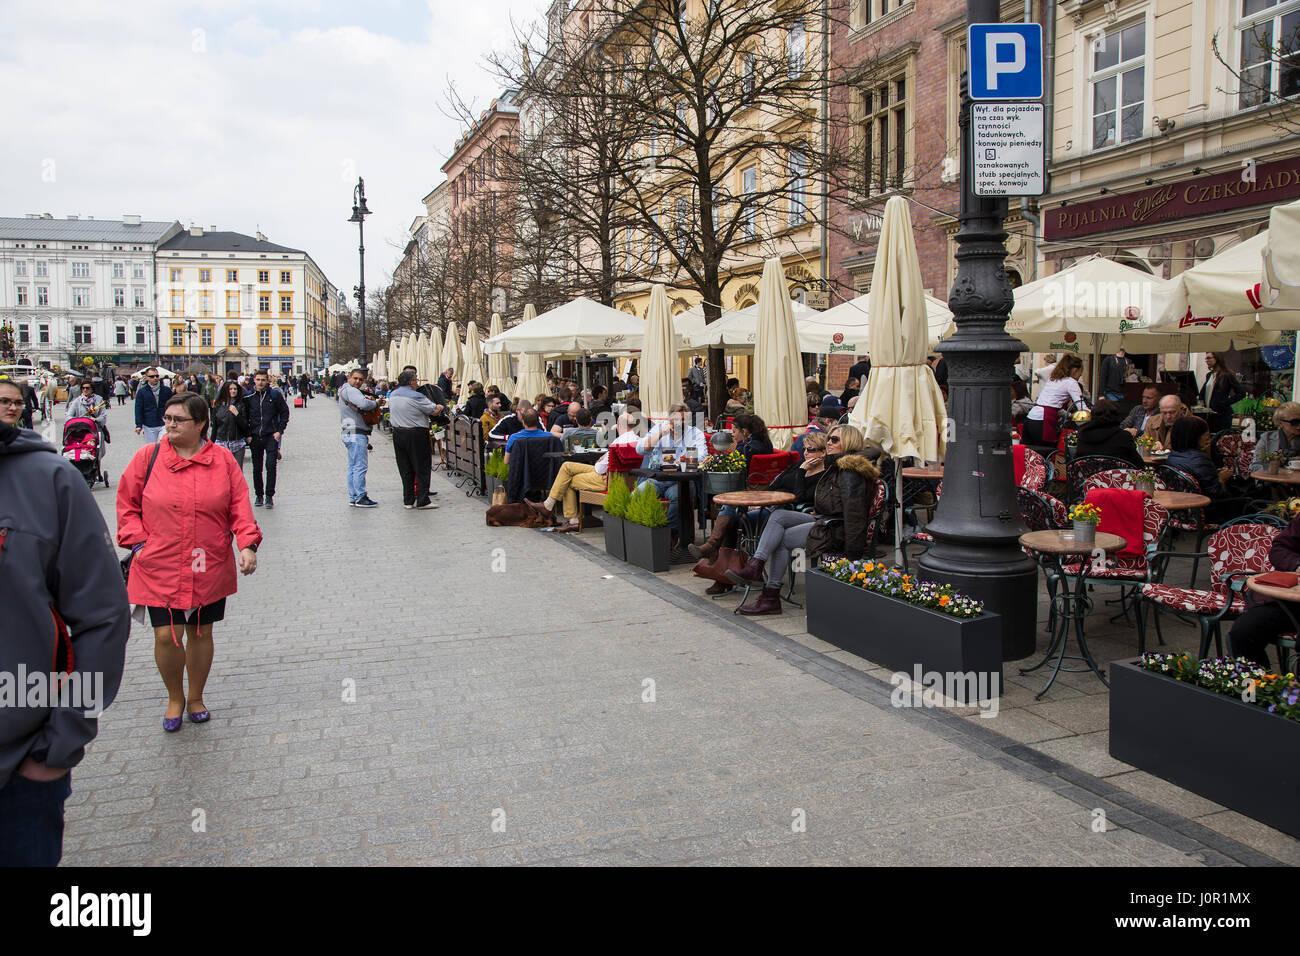 Touristen Essen und trinken im Hauptmarkt in Krakau Stockbild